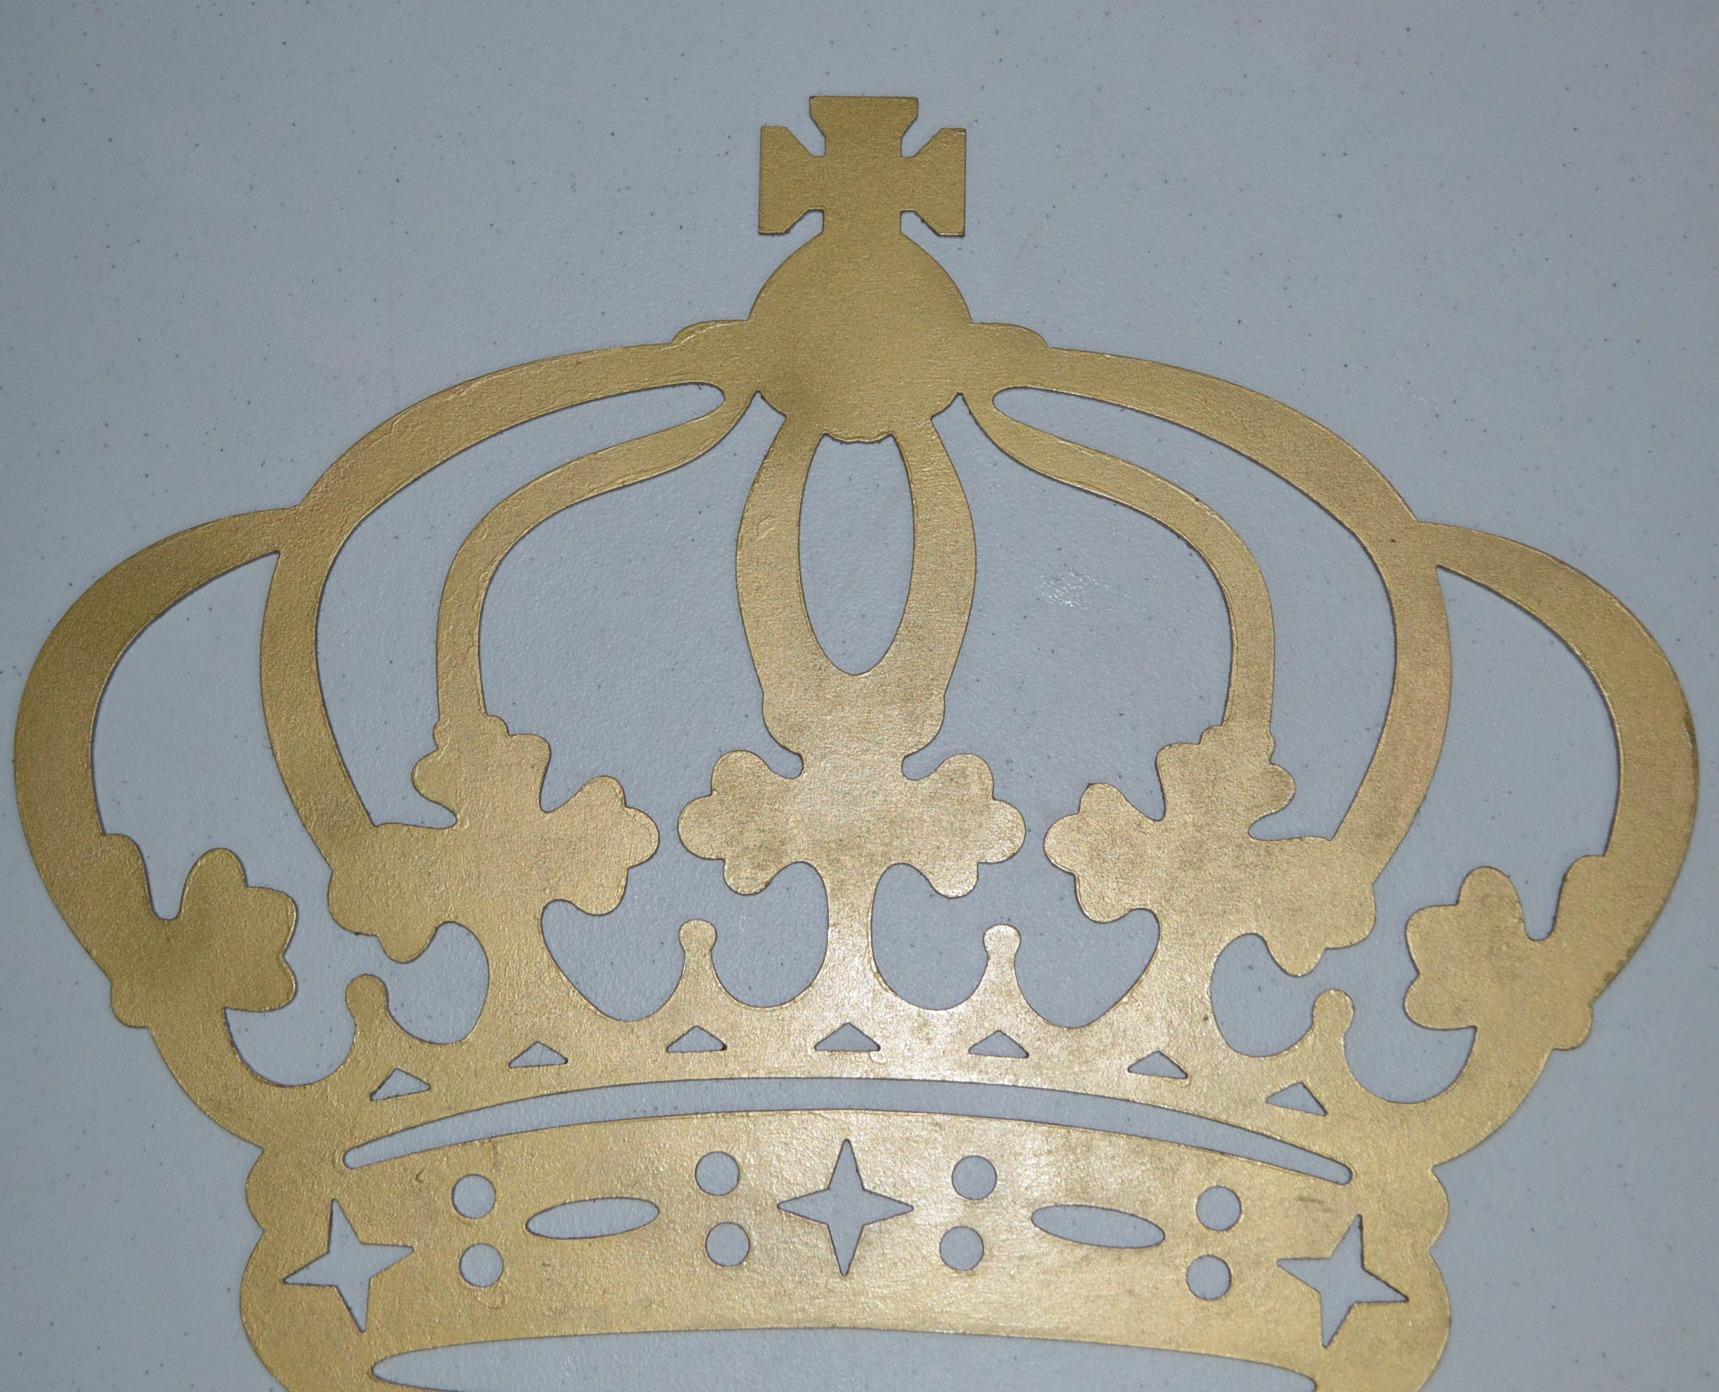 Coroa de Parede em MDF Dourada 44 cm AureArte MDF Elo7 #847047 1719x1392